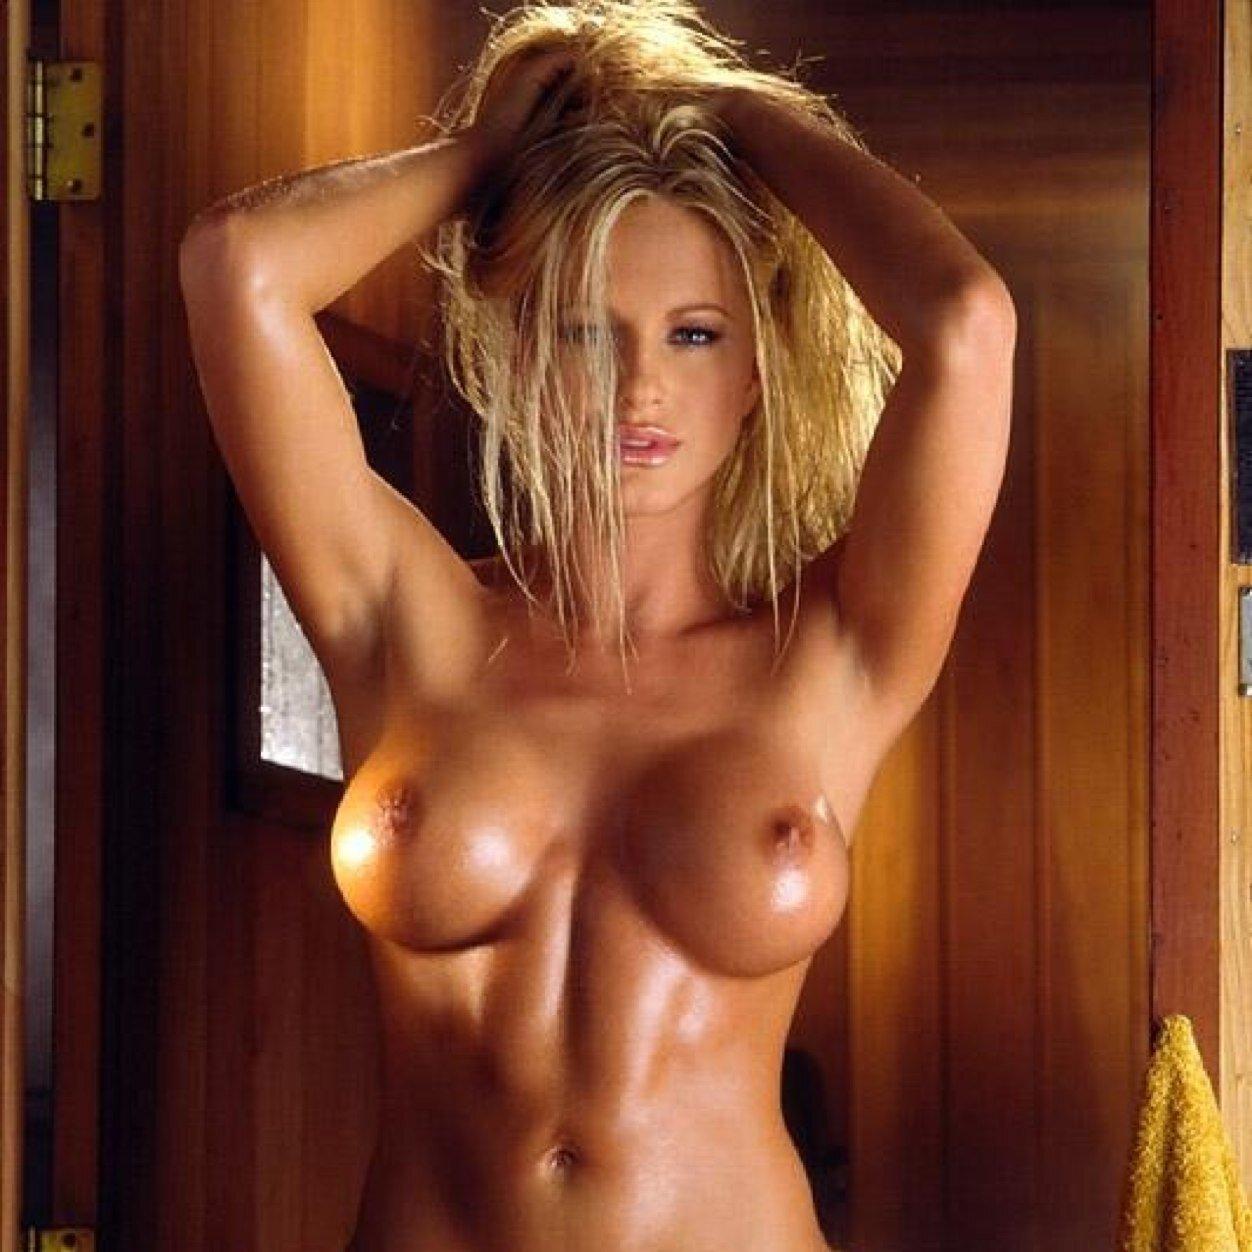 Самая красивая женская грудь голая 1 фотография